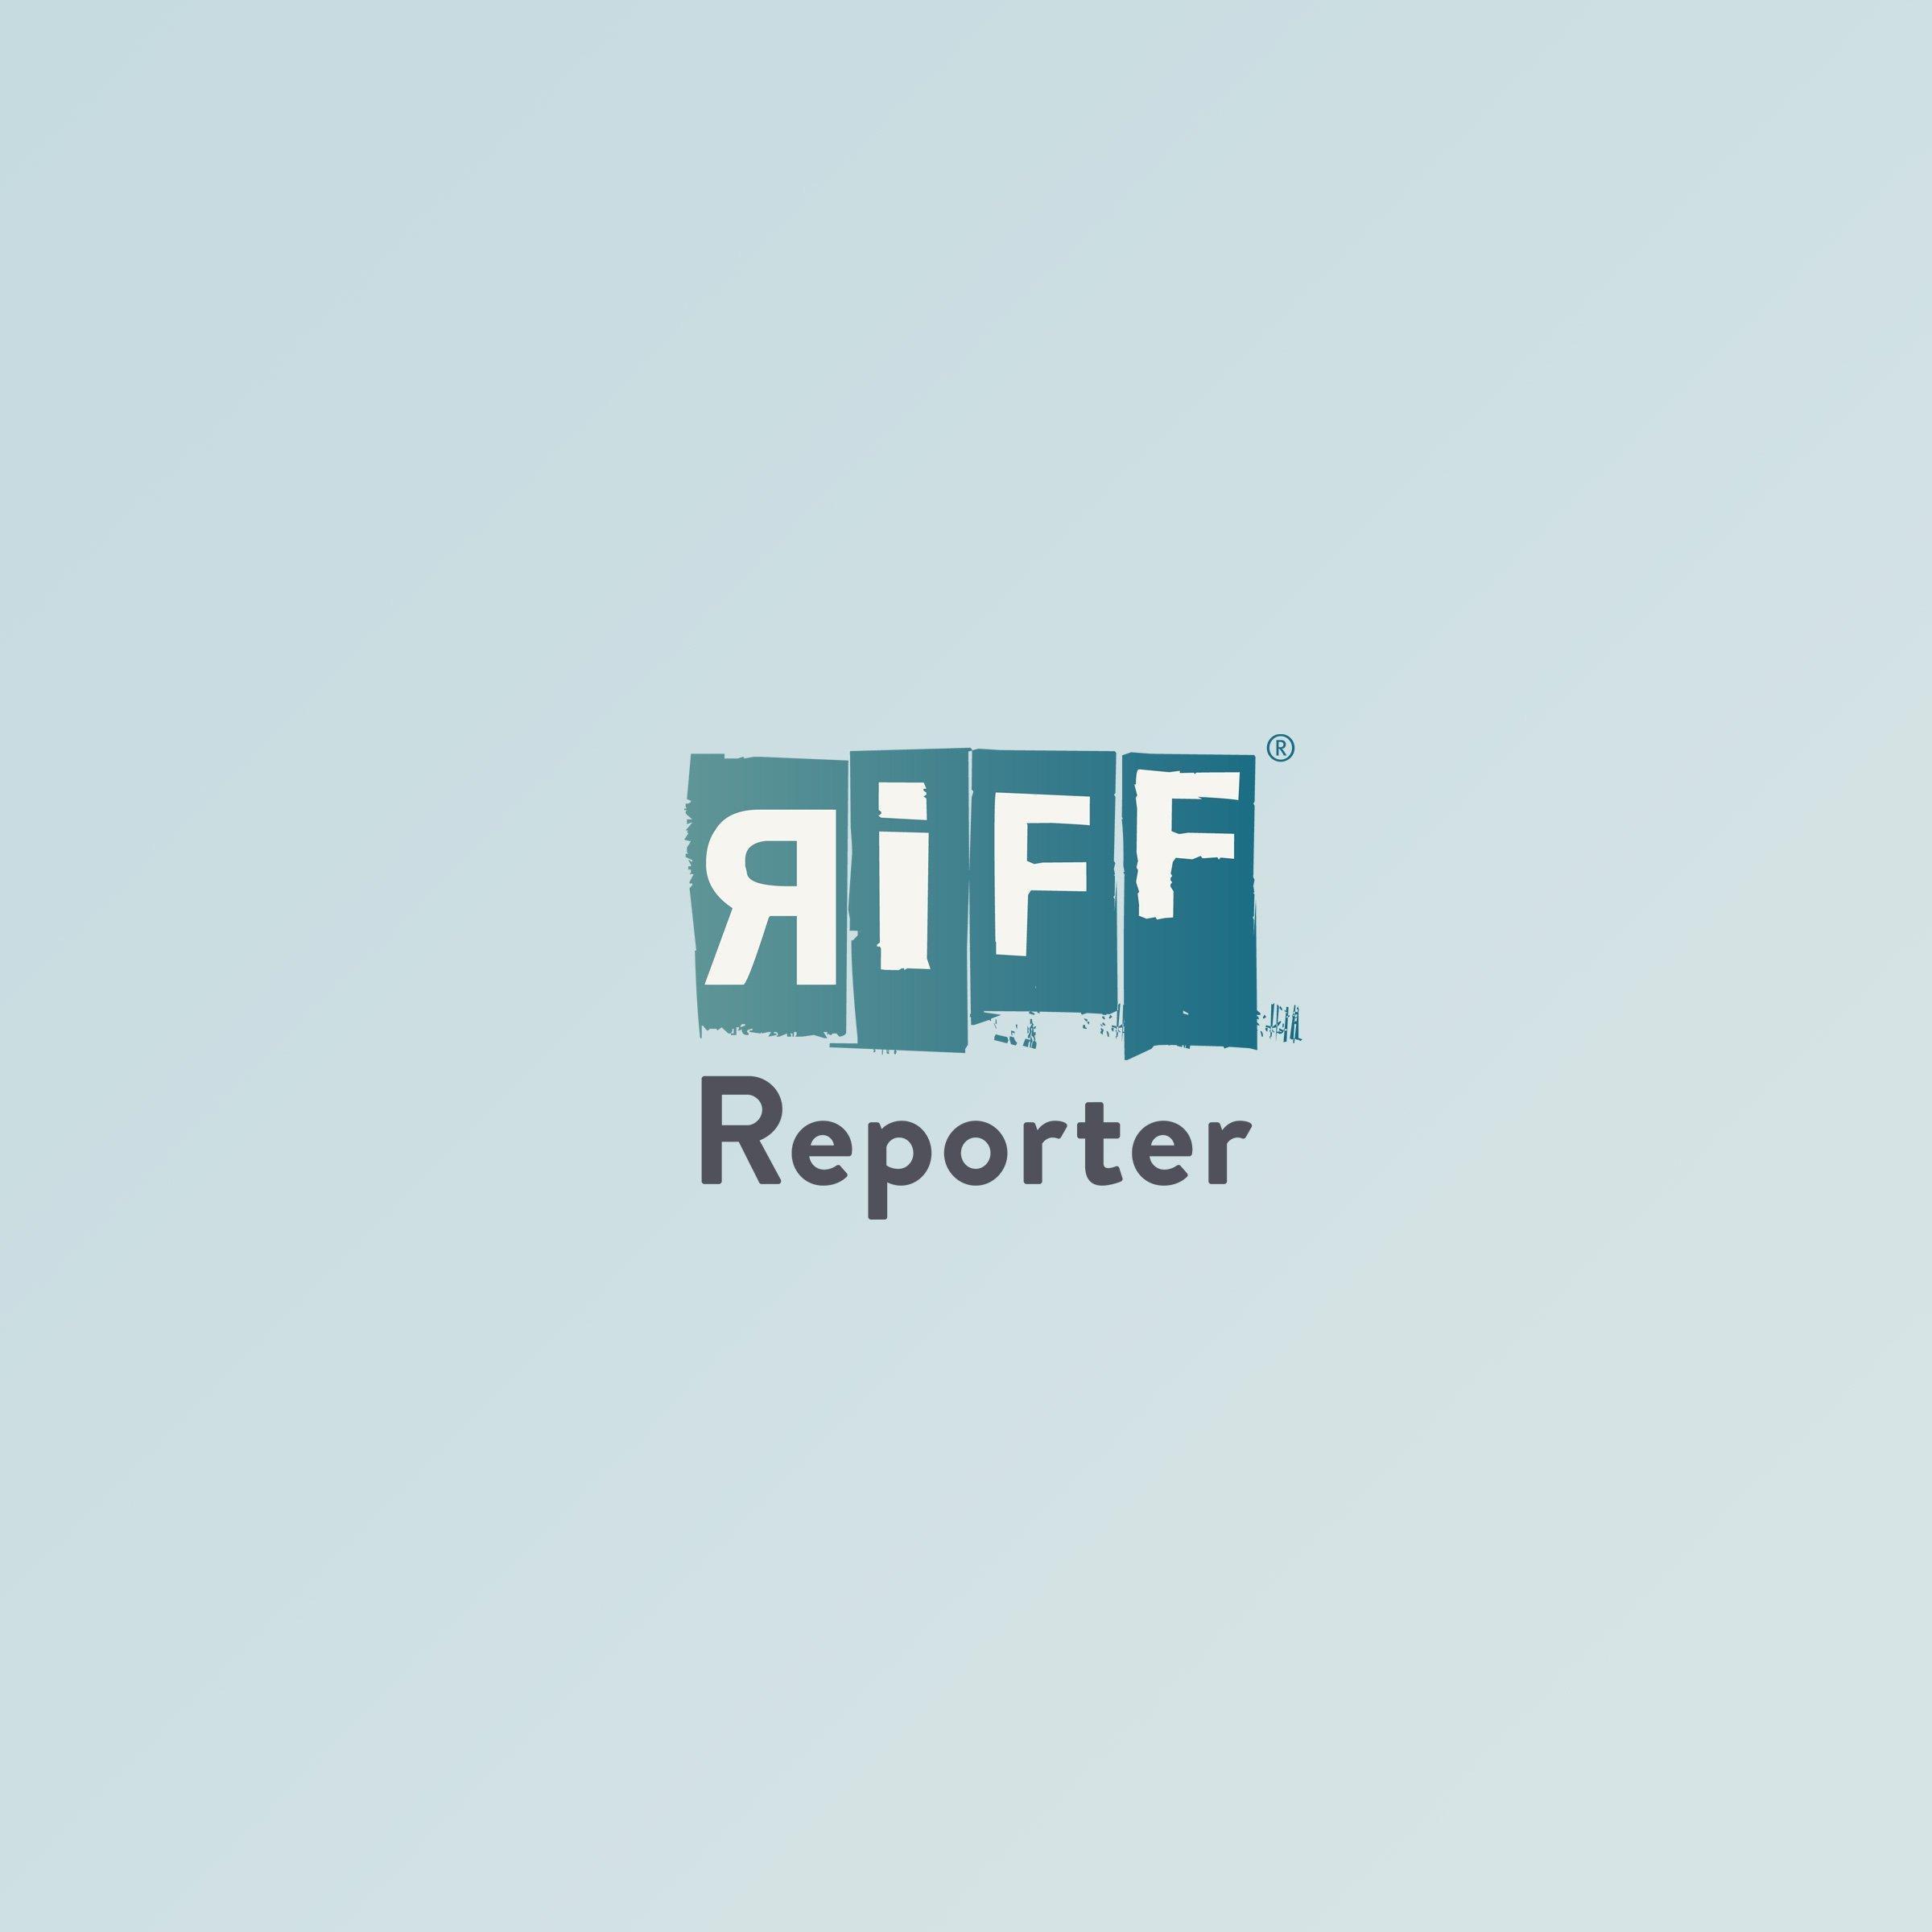 Der Journalist Markus Hofmann.